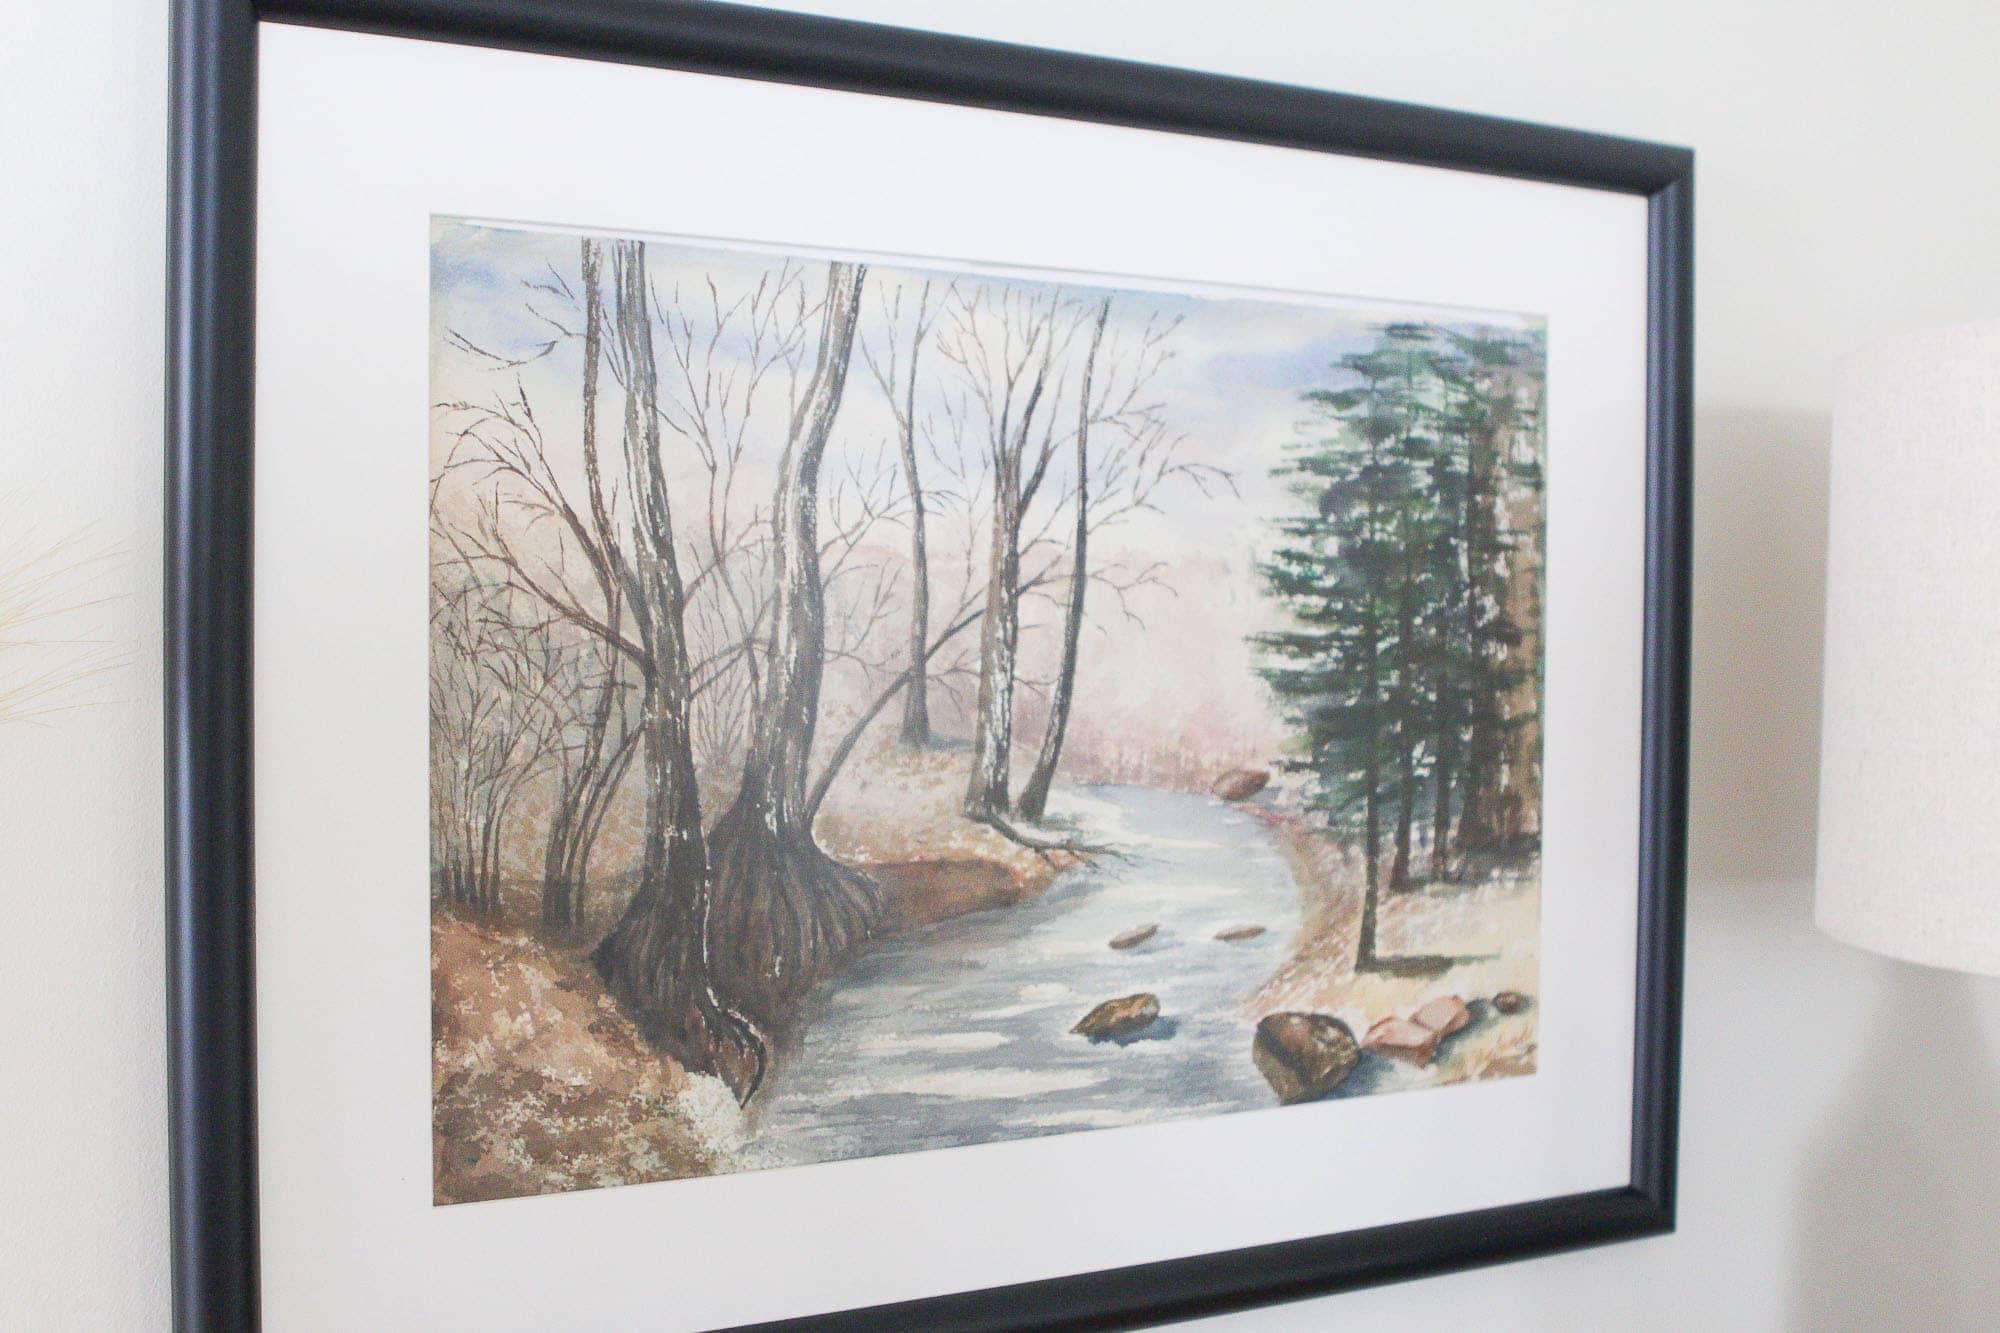 Custom framing special art pieces